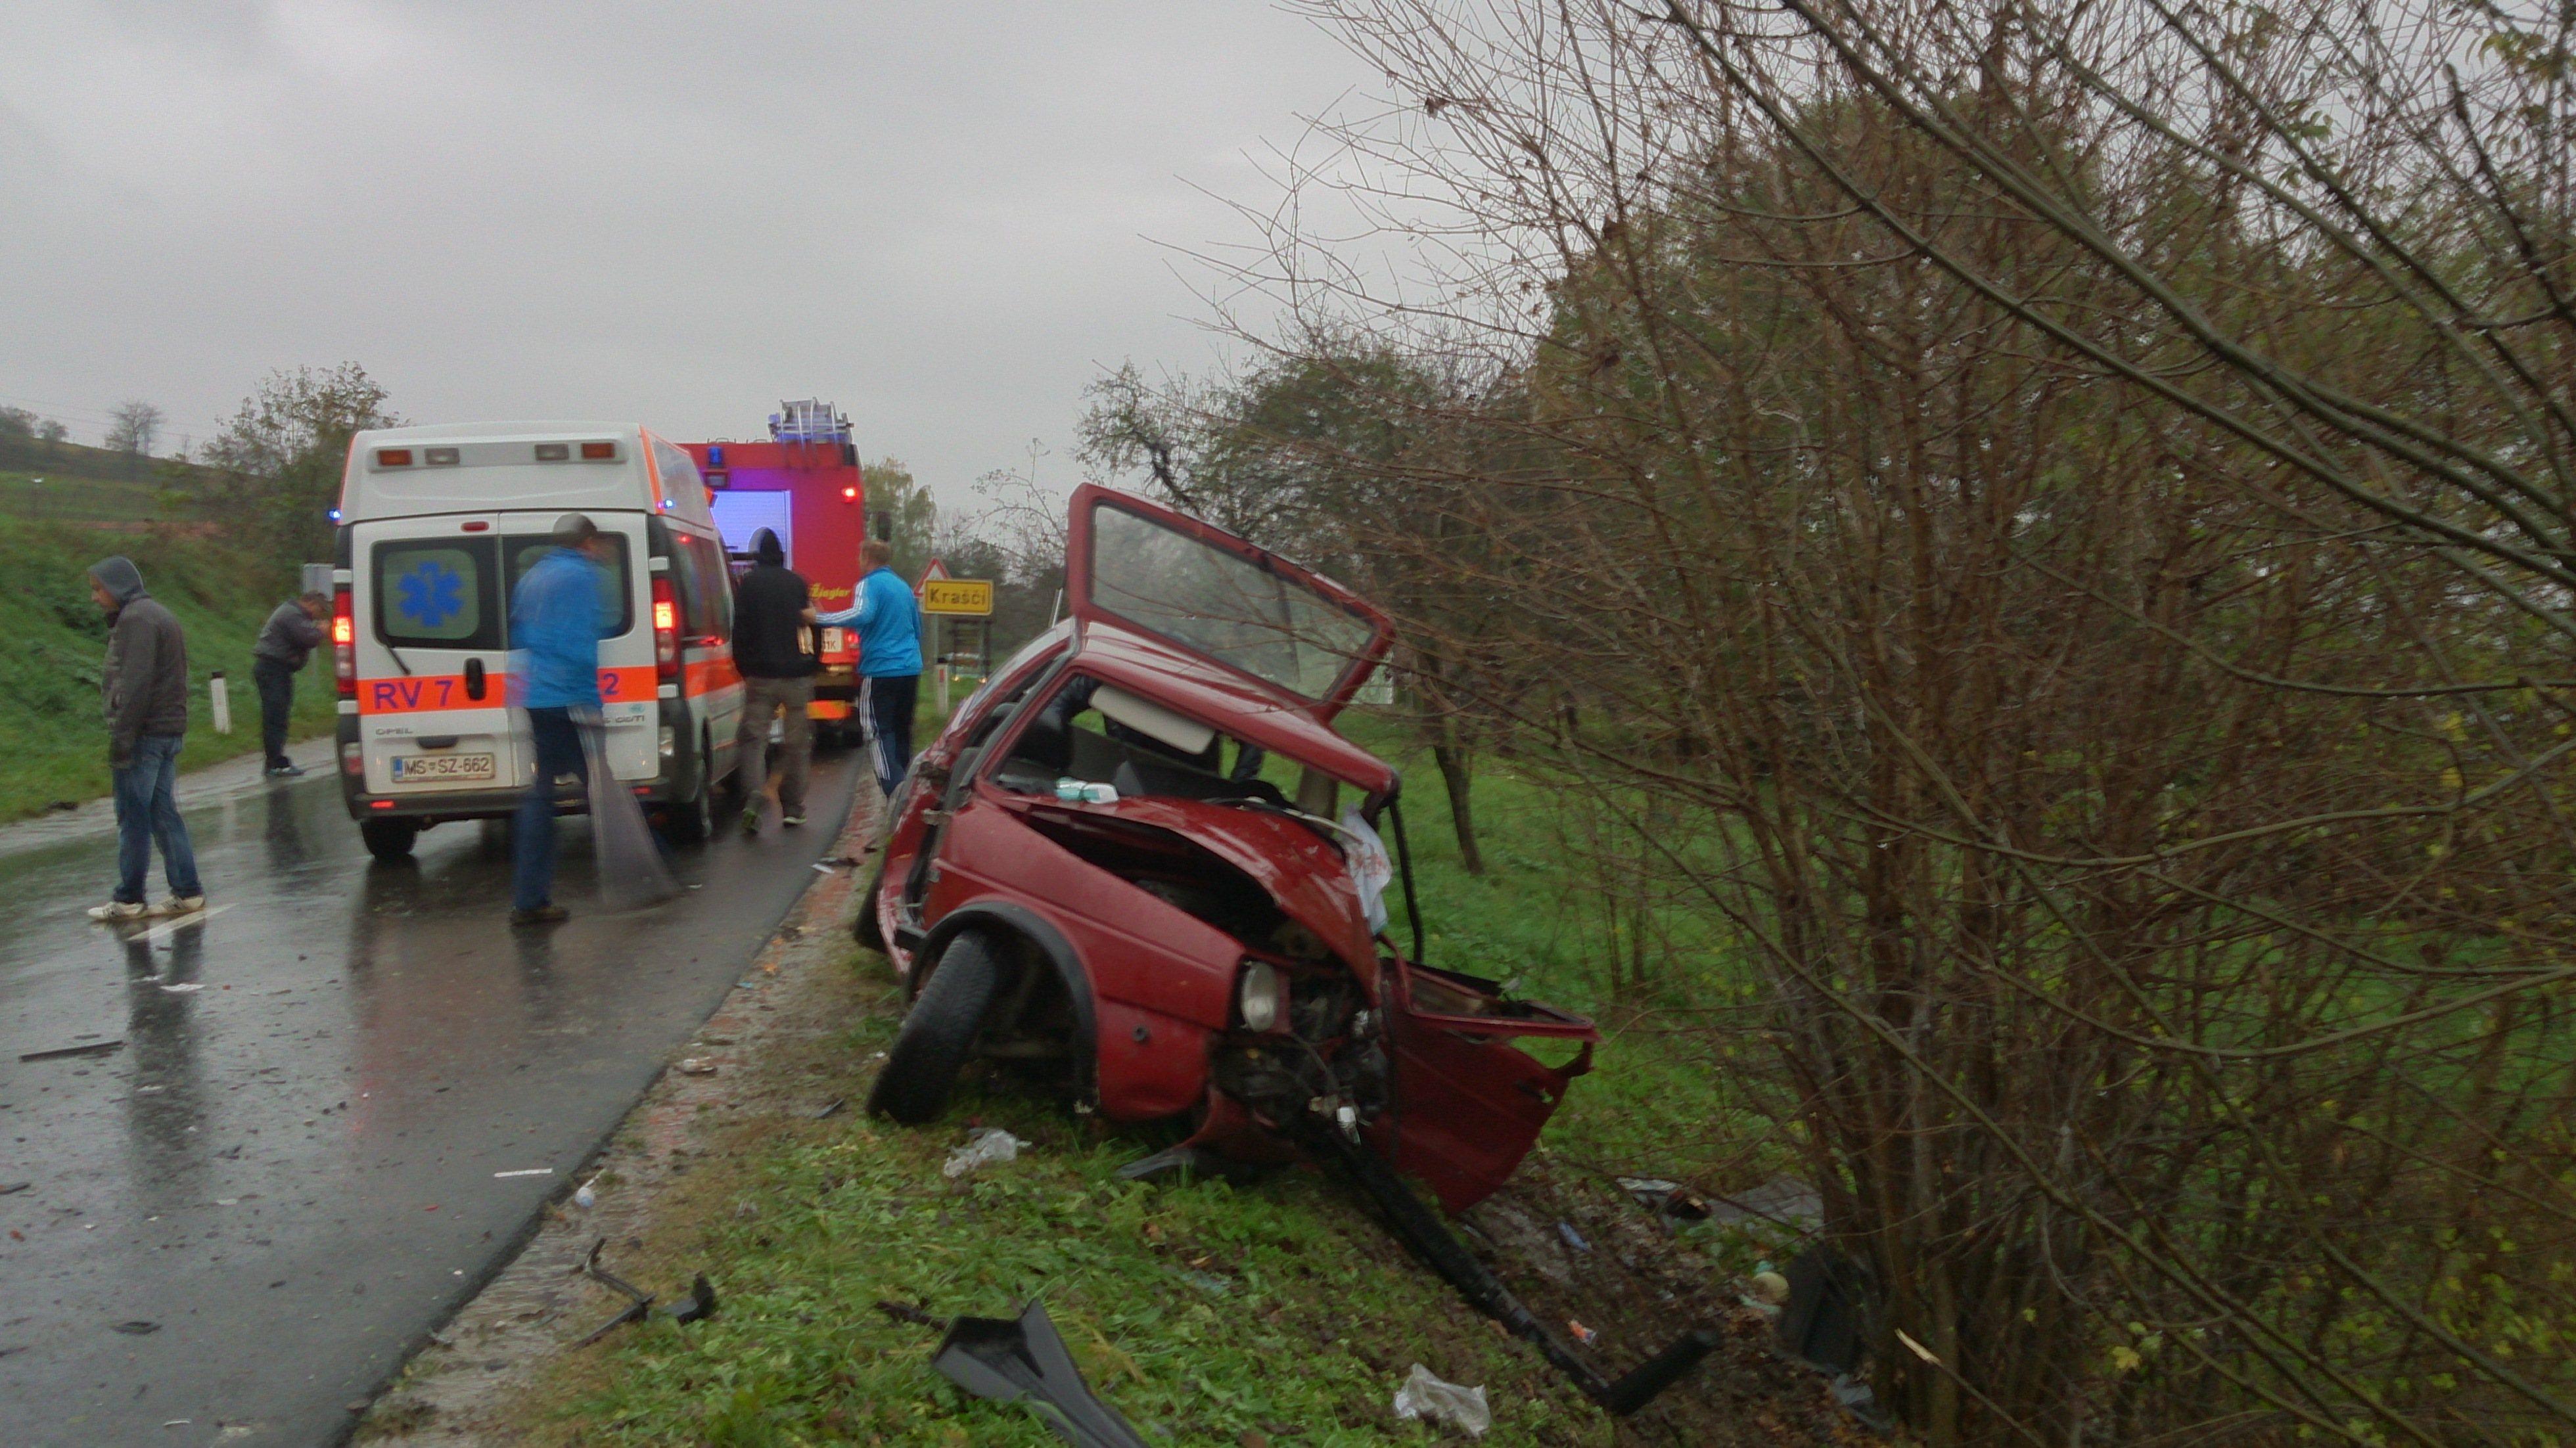 Pomurske ceste so danes zahtevale že osmo letošnjo smrtno žrtev.